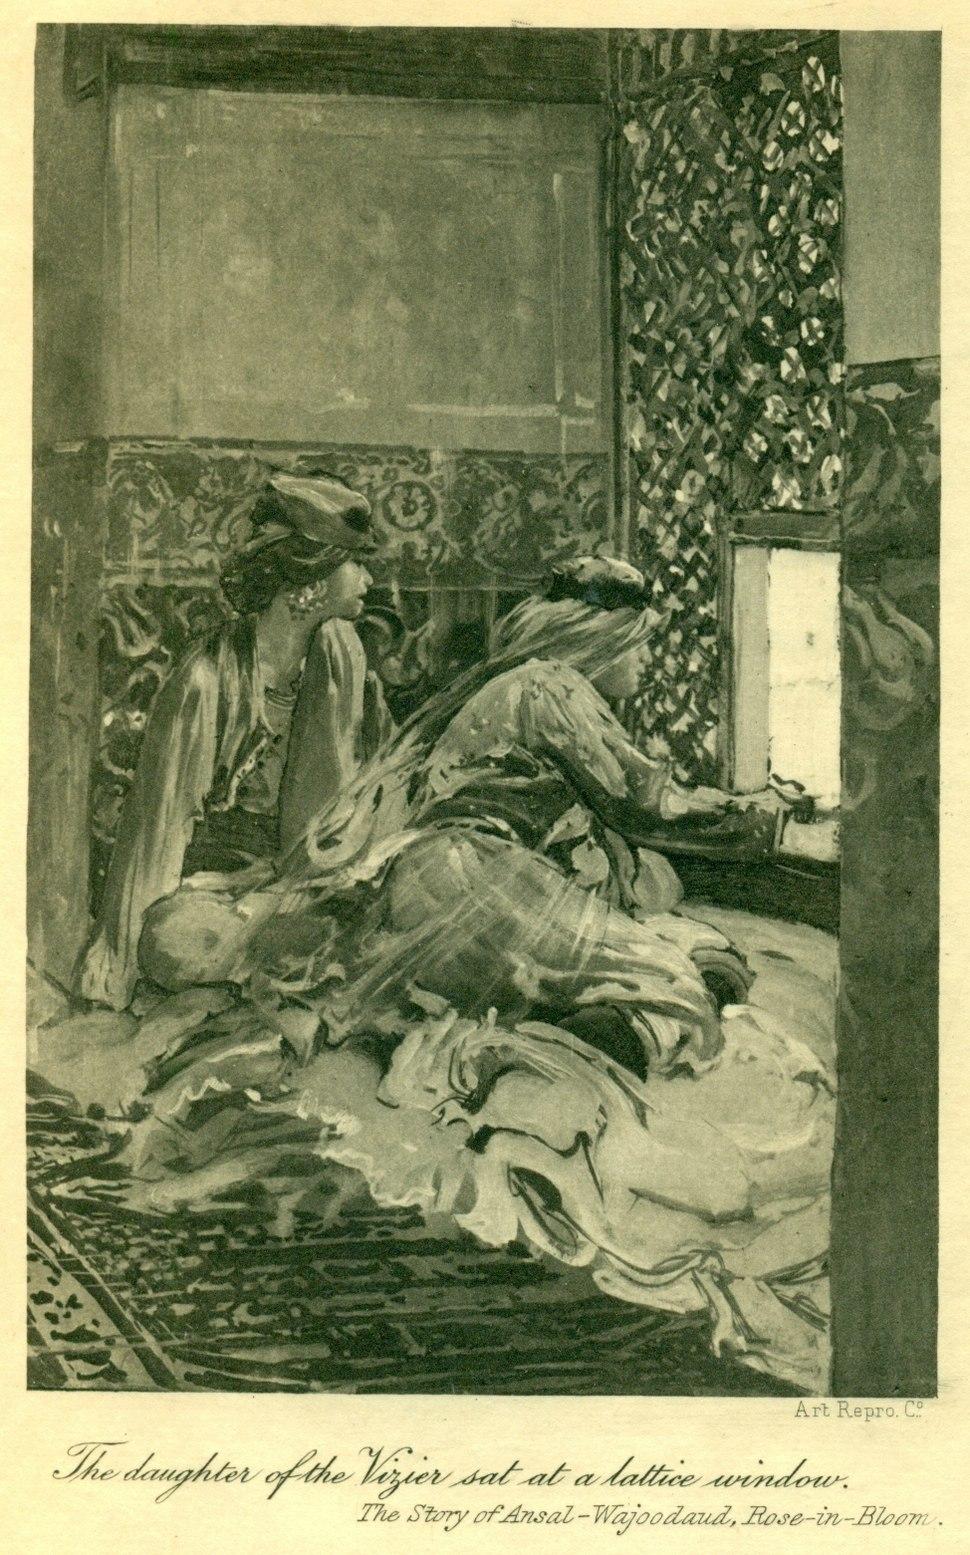 Brangwyn, Arabian Nights, Vol 4, 1896 (1)